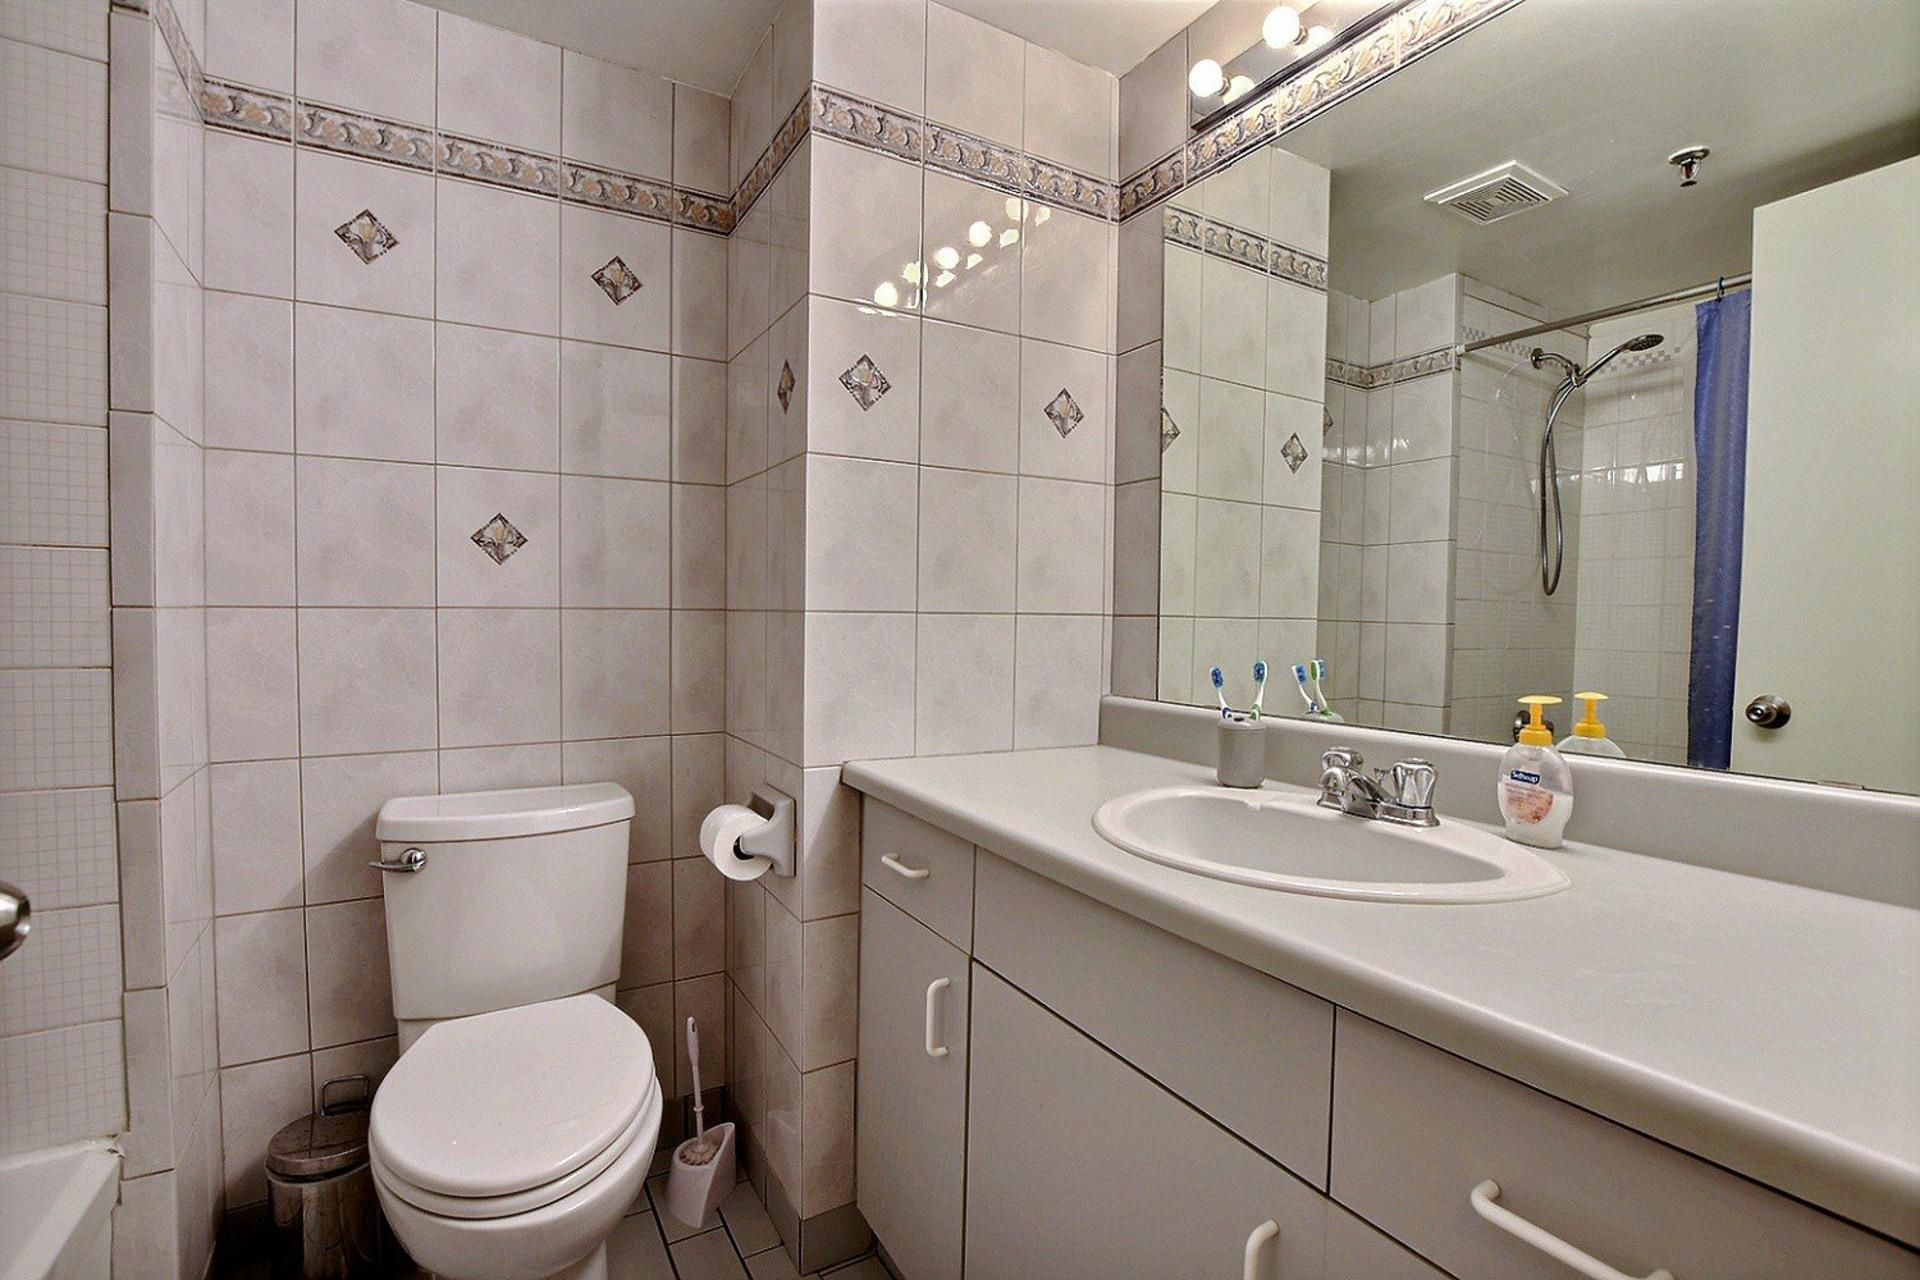 image 15 - Appartement À vendre Montréal Ville-Marie  - 3 pièces